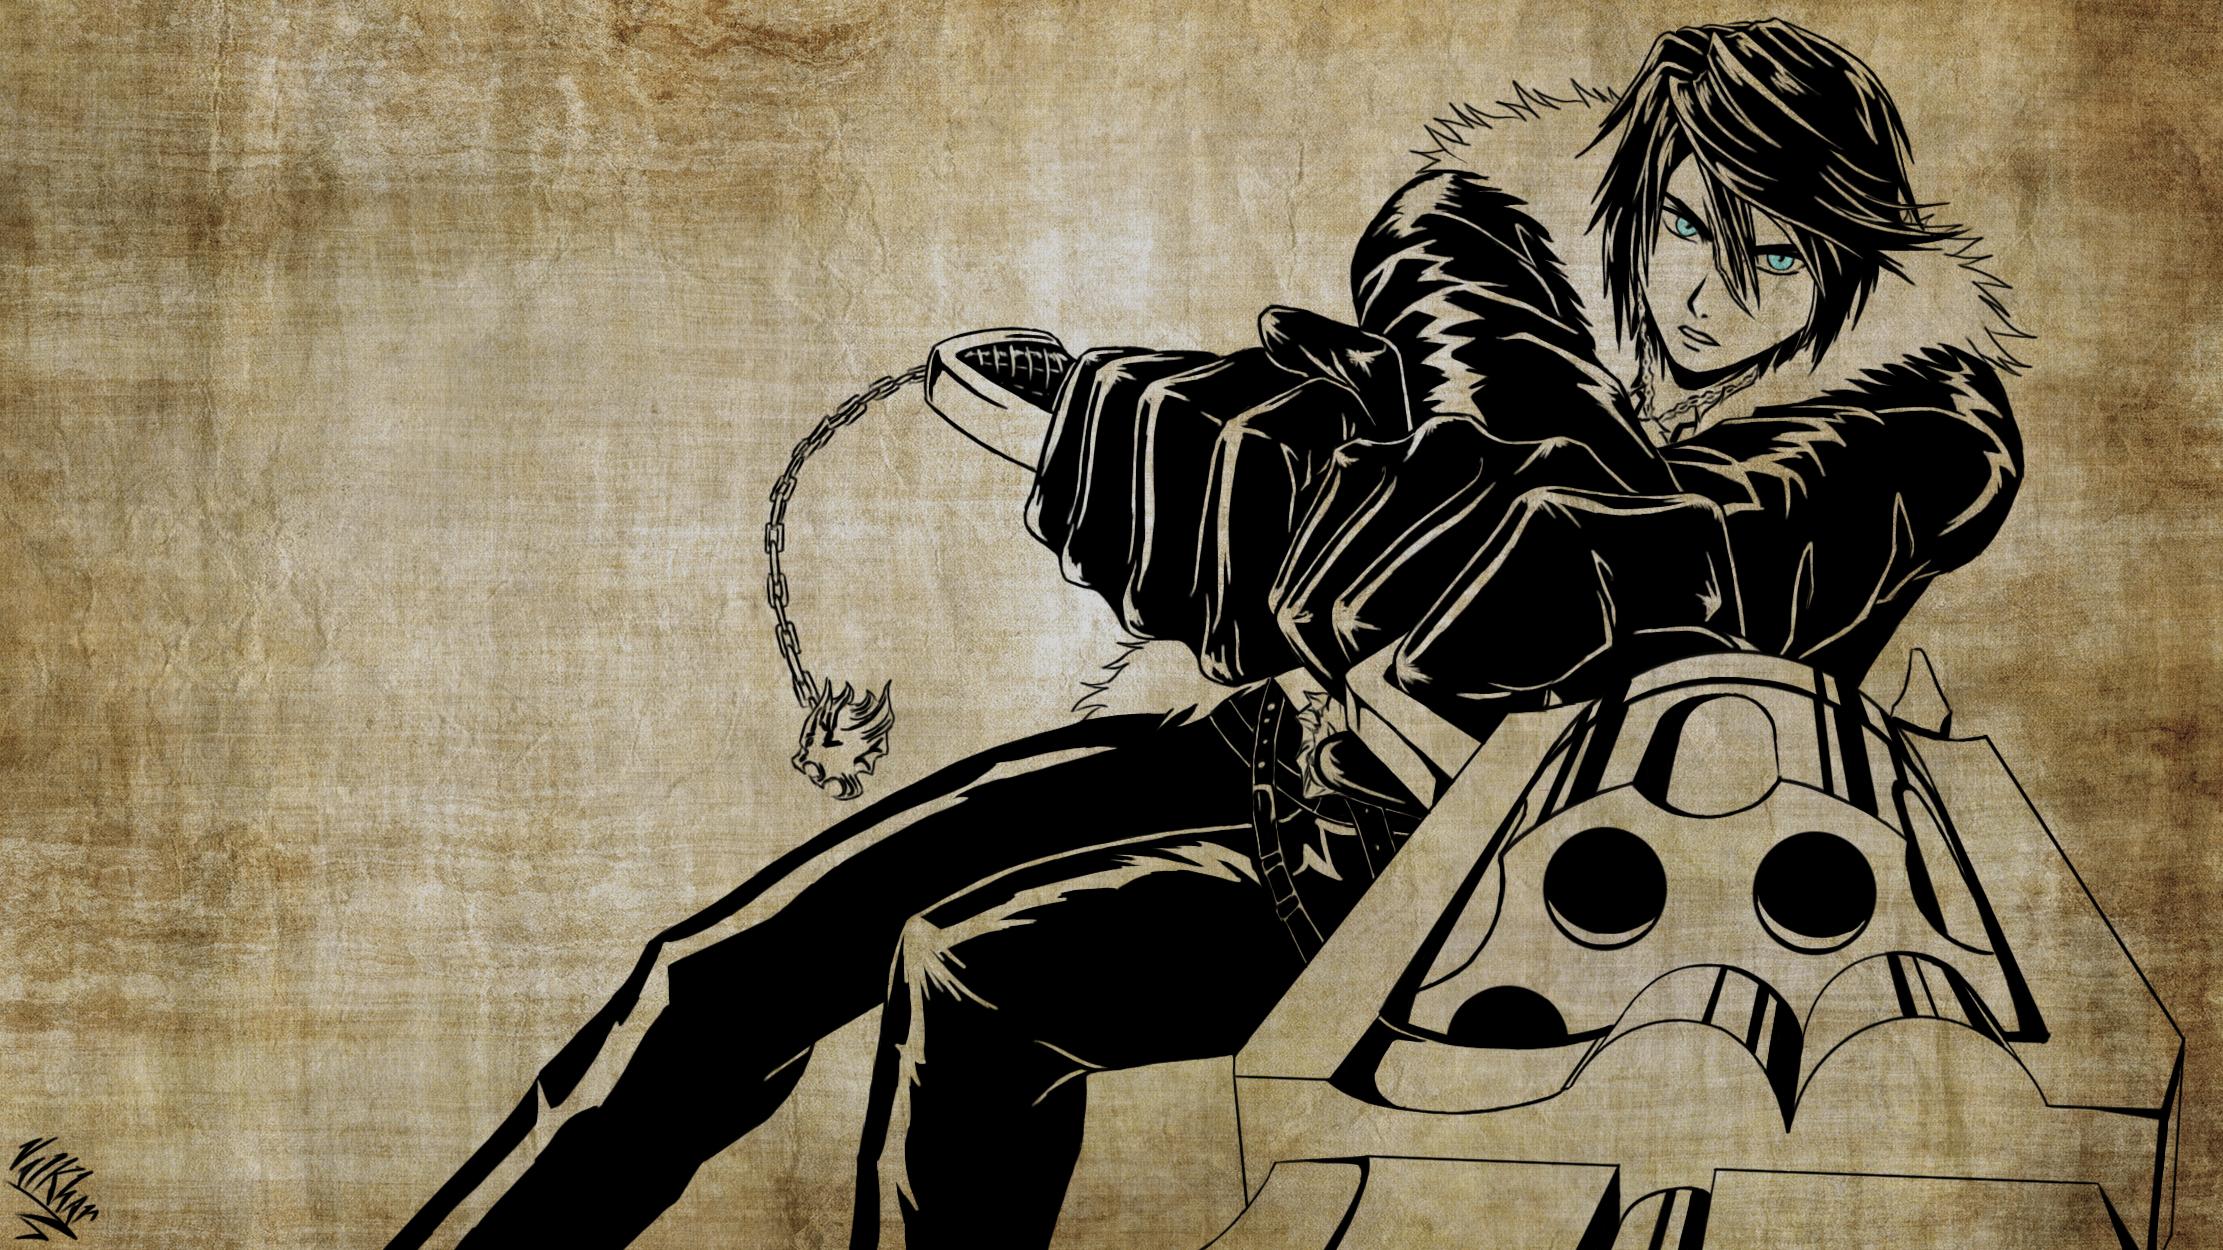 Final Fantasy VIII By Valkhar On DeviantArt